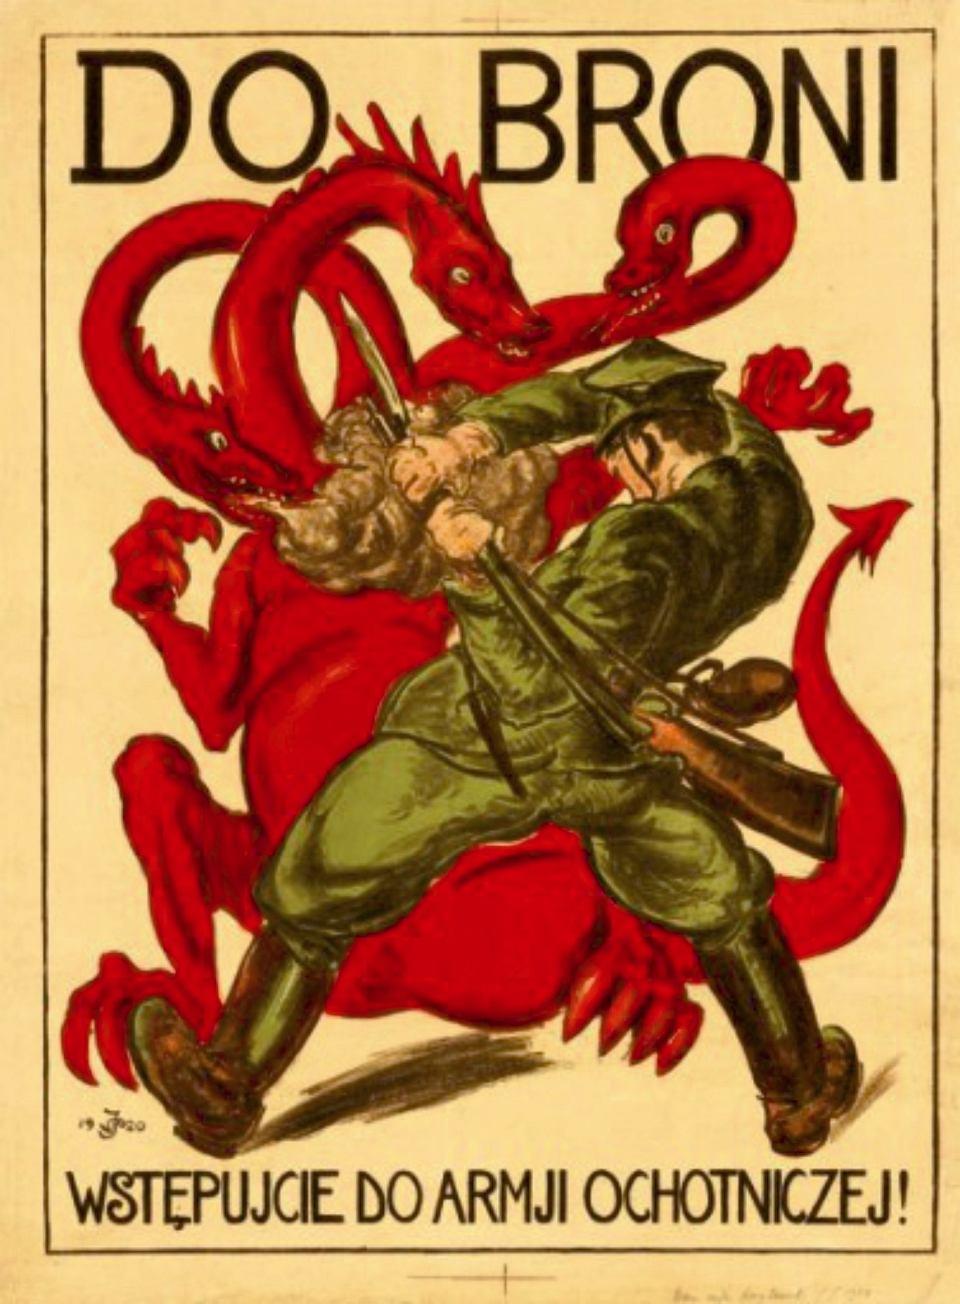 Do Broni Plakaty Propagandowe Obu Stron Z Czasów Wojny